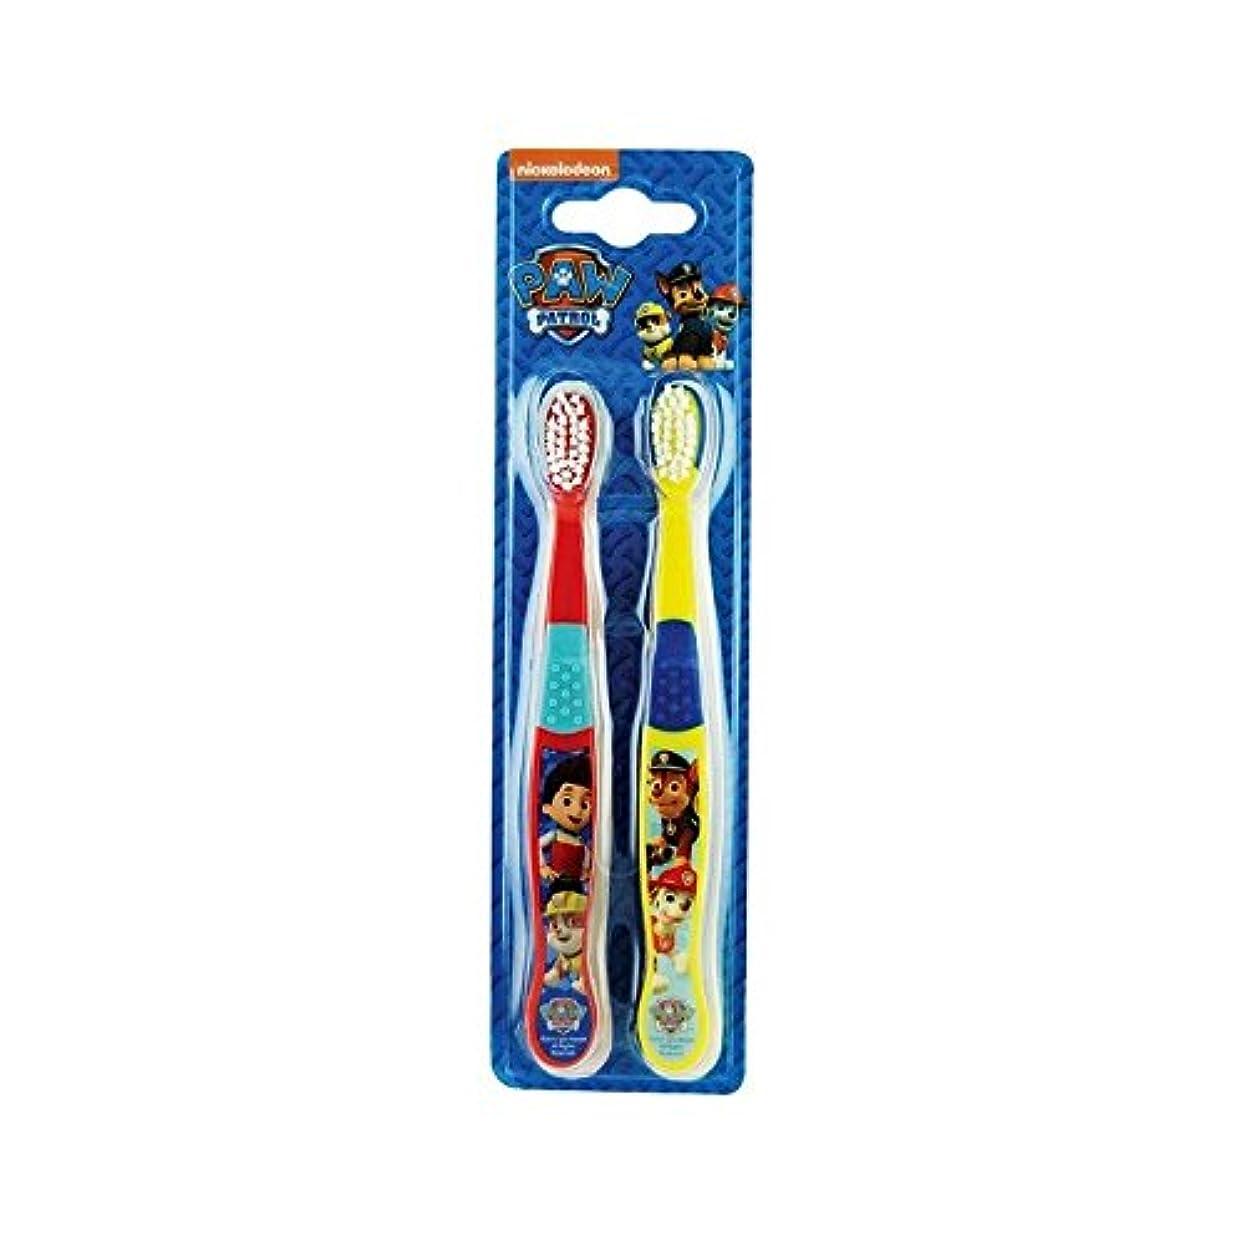 1パックツイン歯ブラシ2 (Paw Patrol) (x 6) - Paw Patrol Twin Toothbrush 2 per pack (Pack of 6) [並行輸入品]